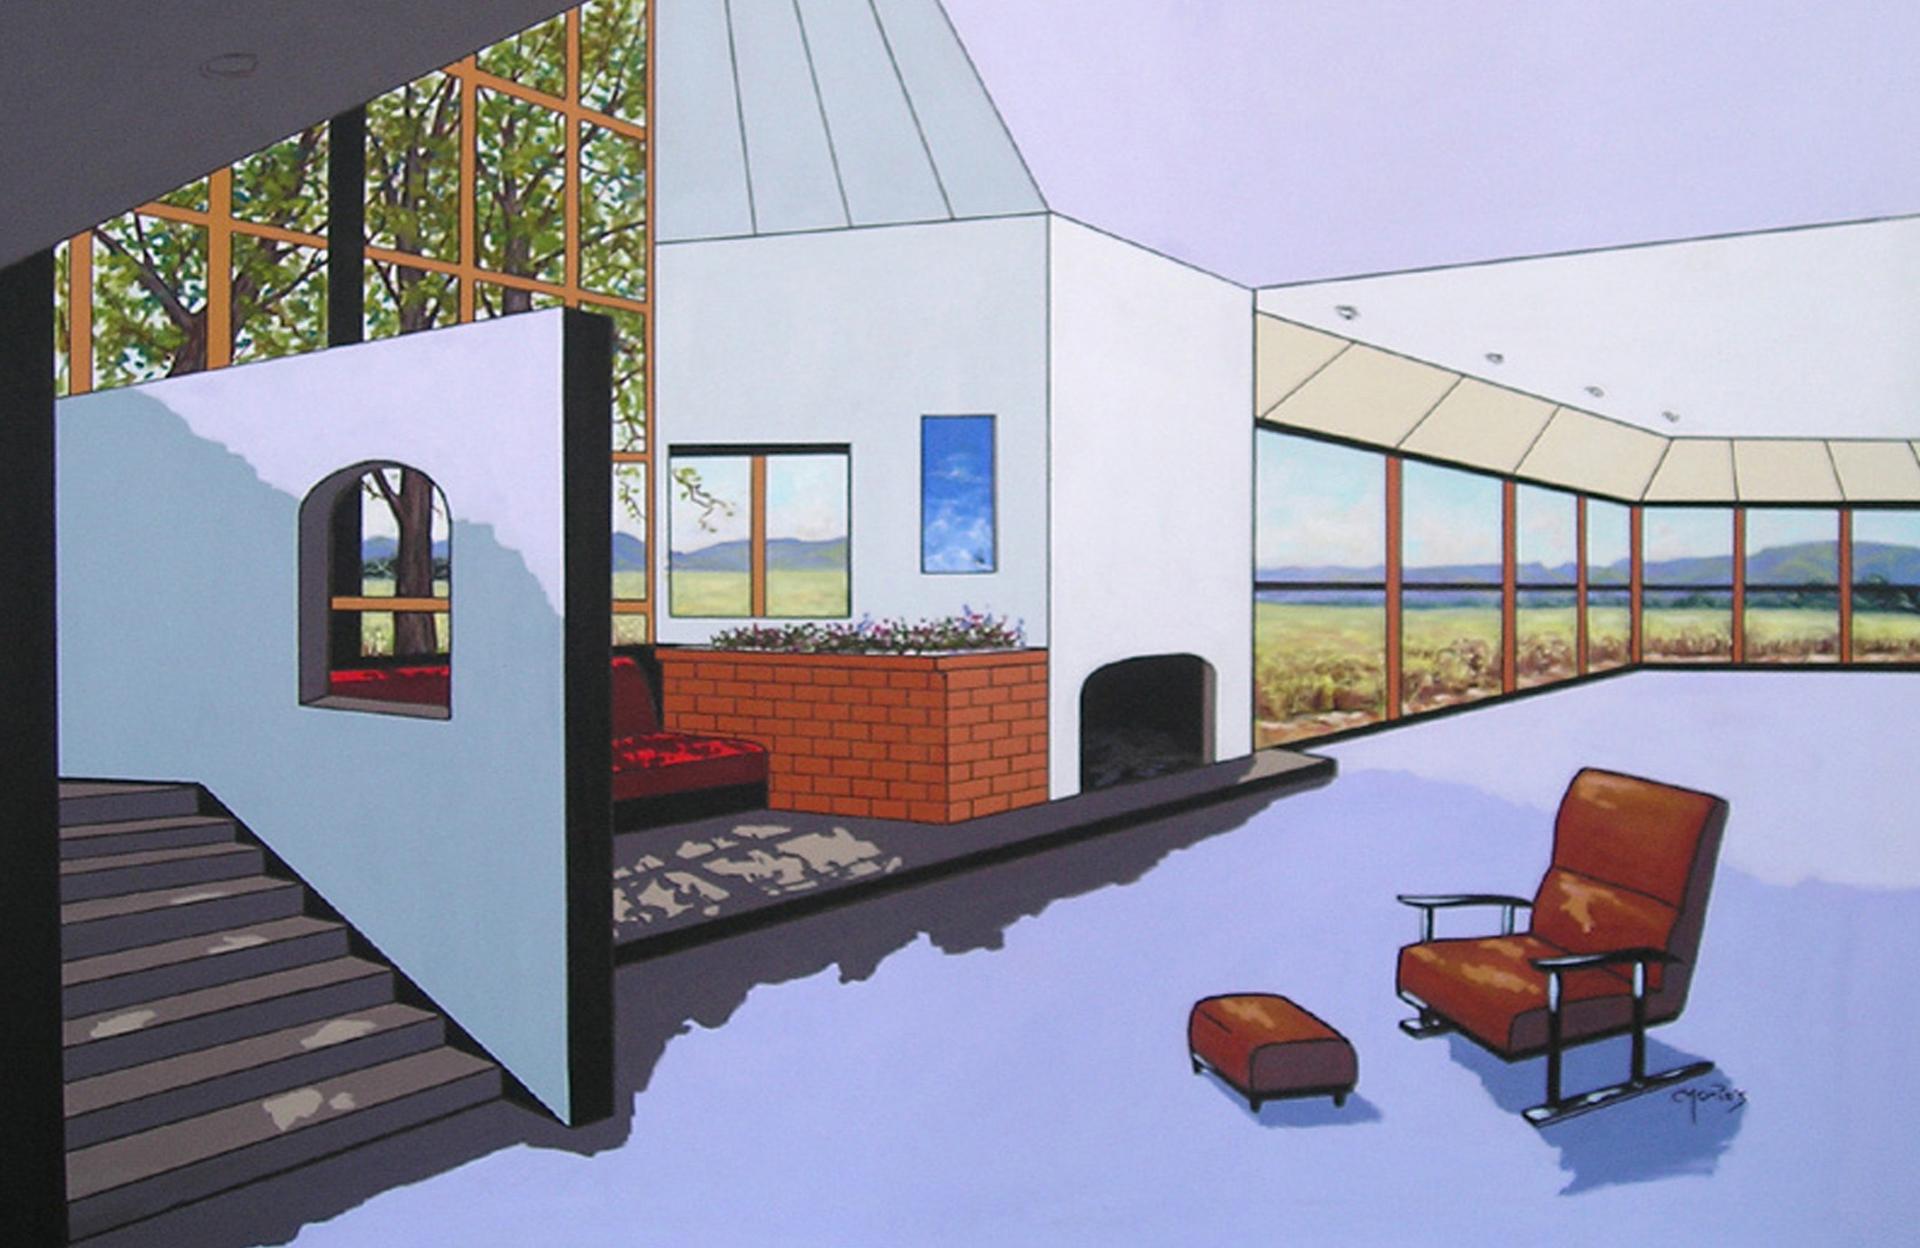 MG042 Vista Interior Derecha by Mario Garcia Miro